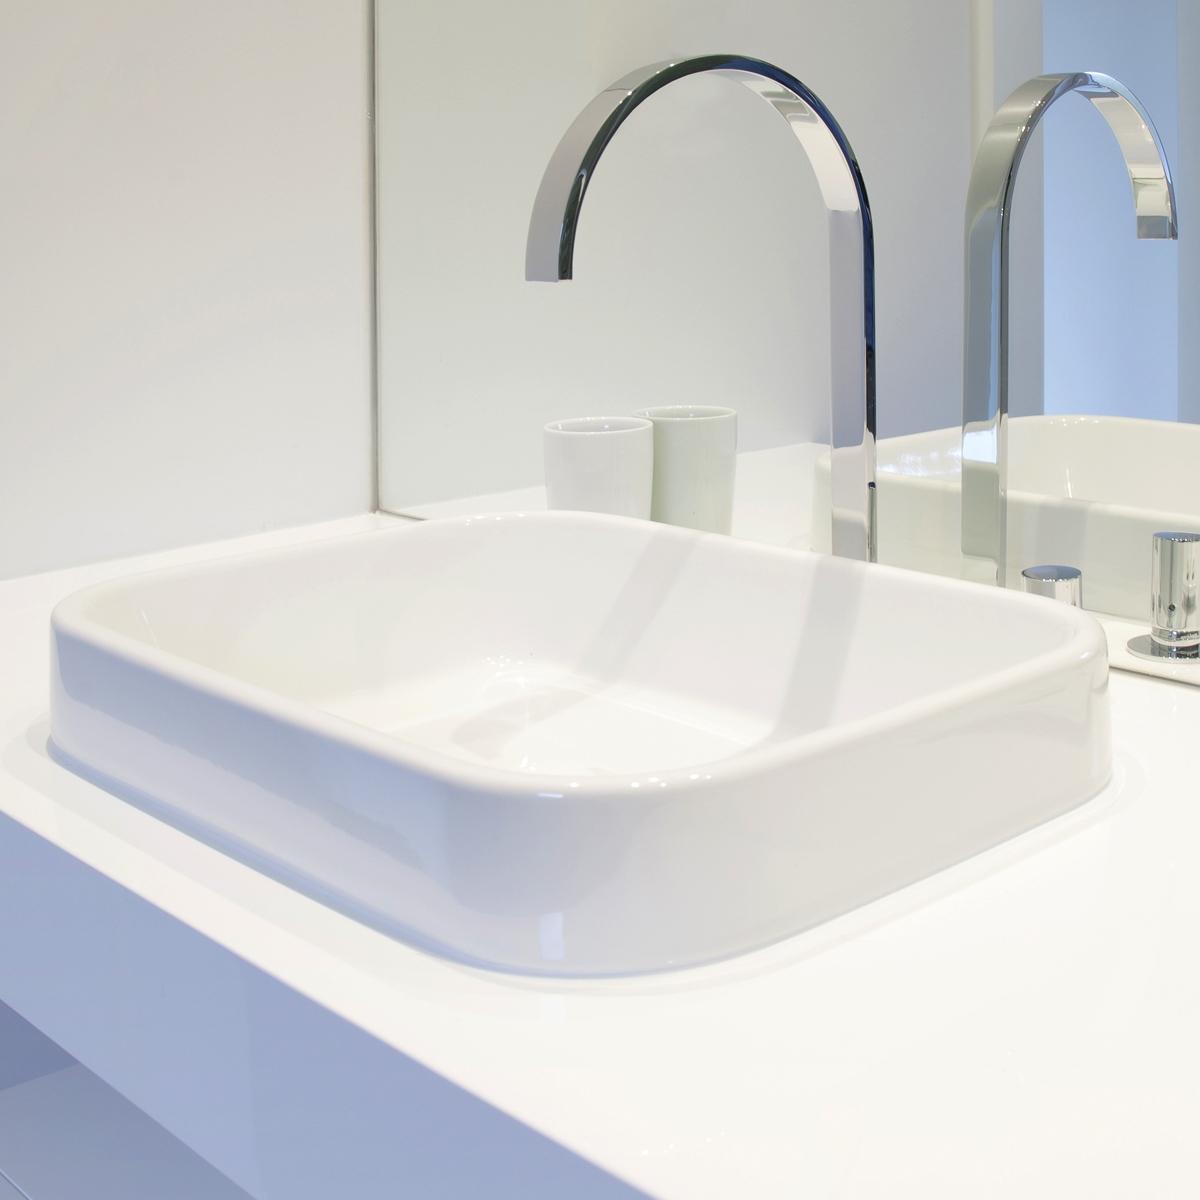 Keramik Waschbecken Waschtisch Spulbecken Aufsatzwaschbecken Waschschale Ebay